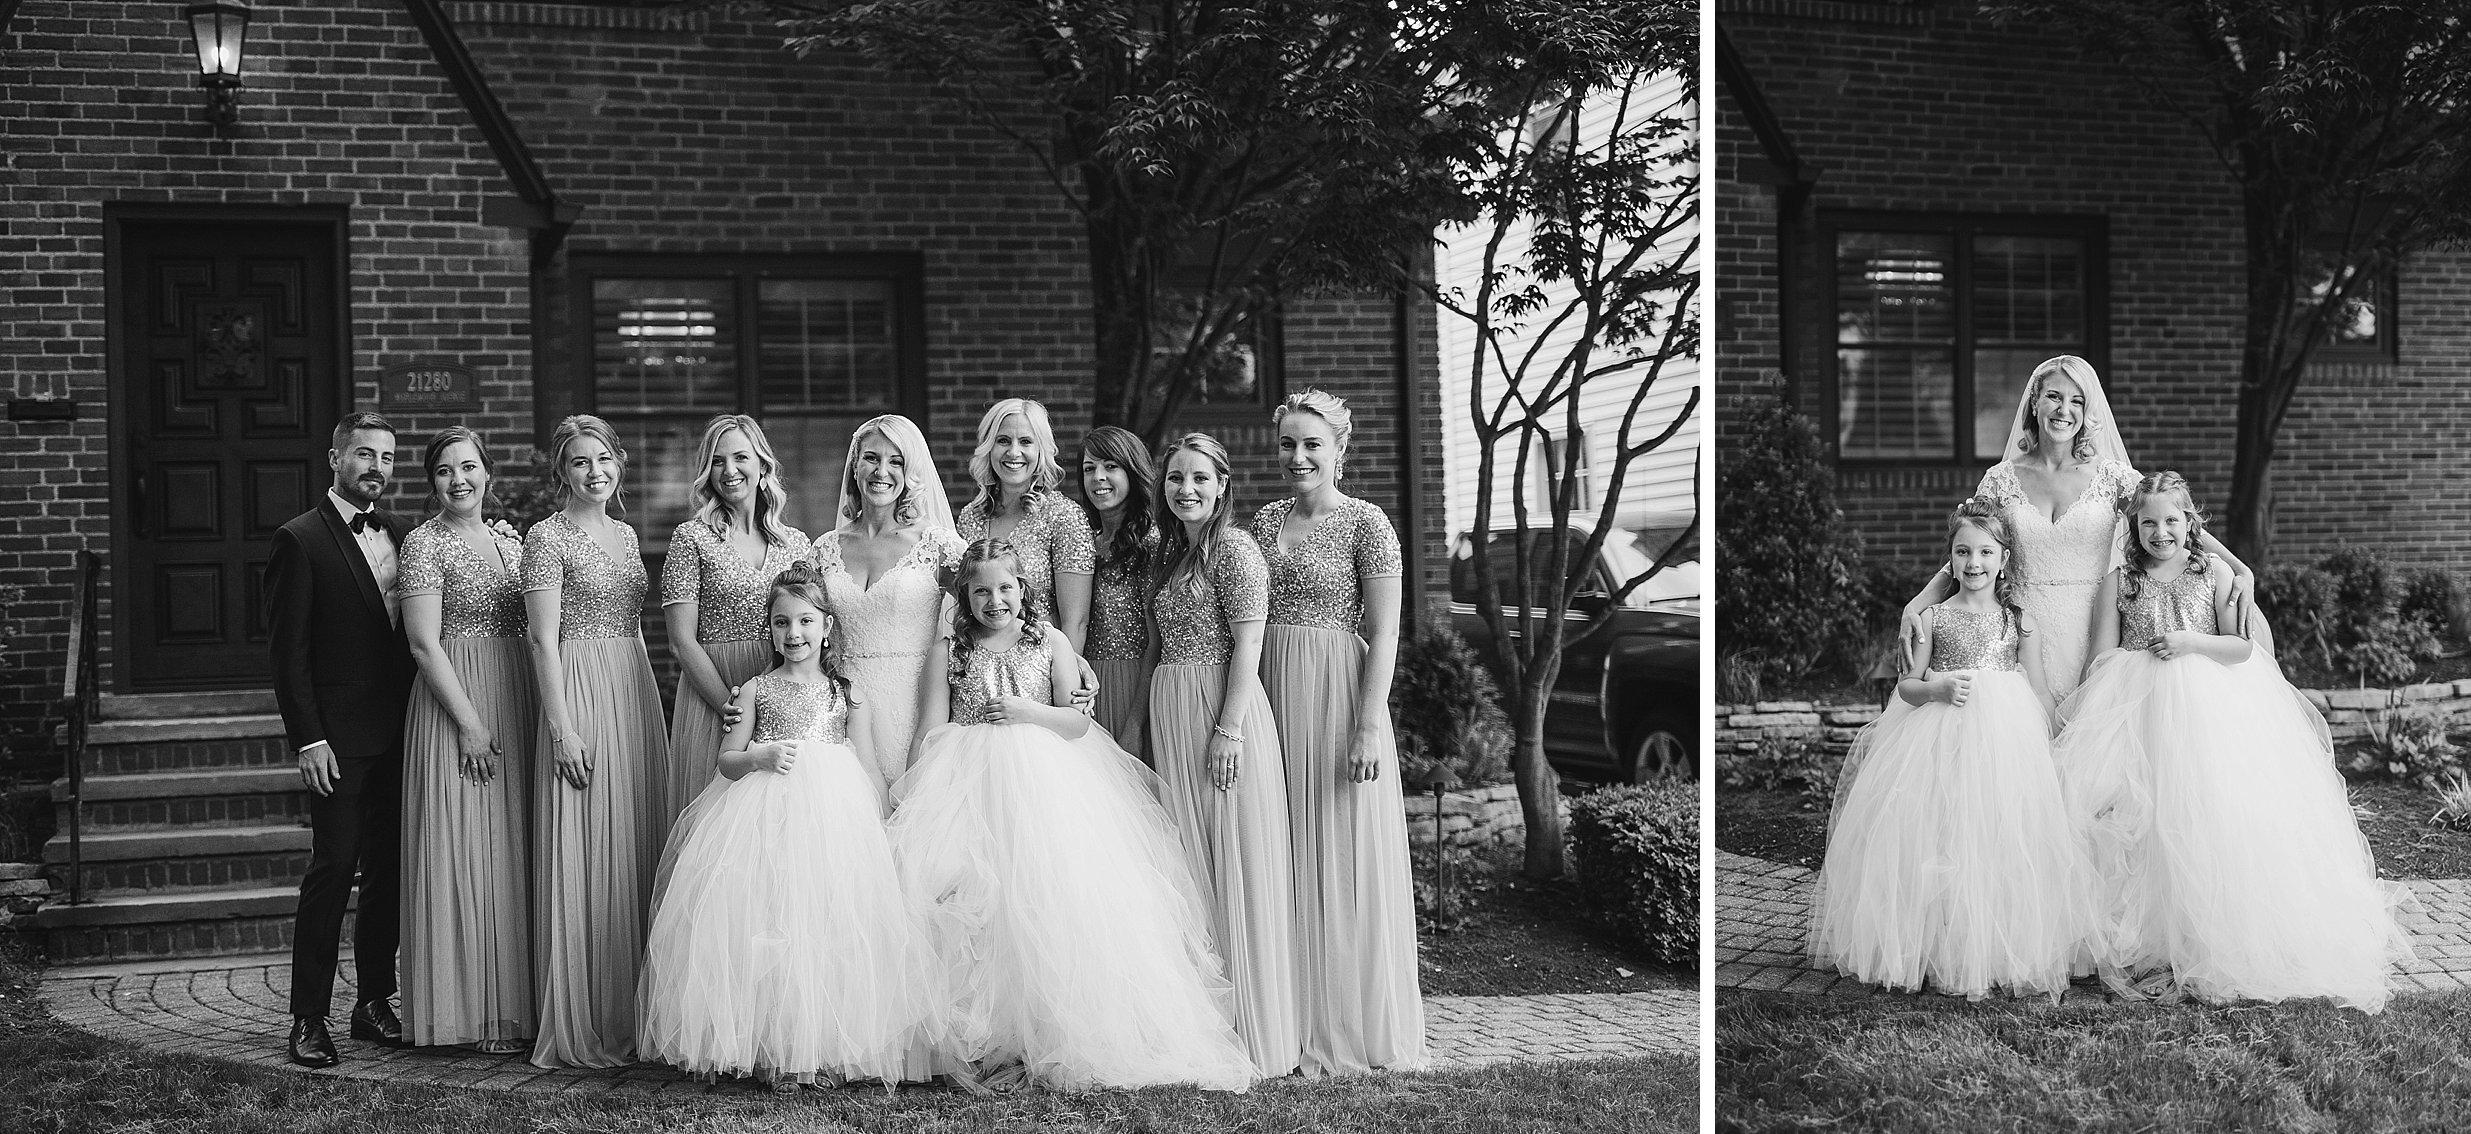 0040-Westwood Country Club Wedding_0015.jpg